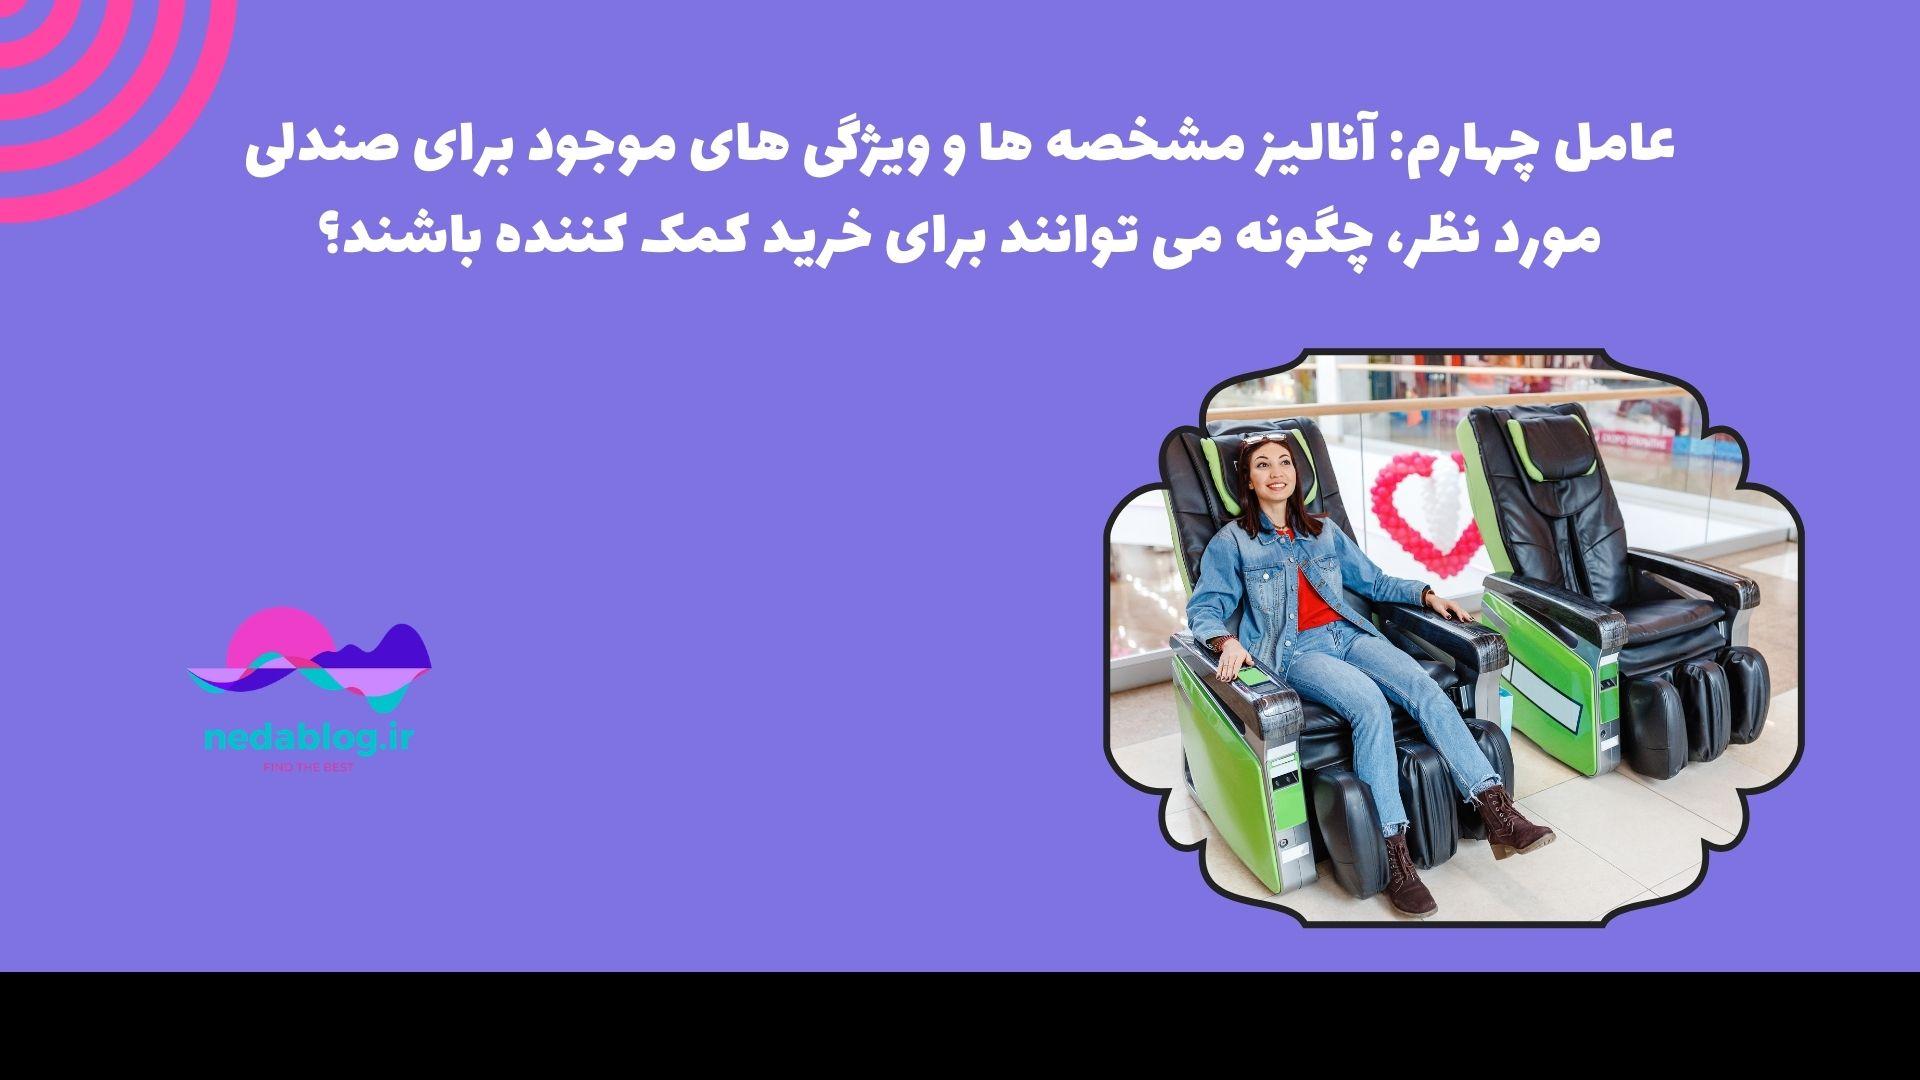 عامل چهارم: آنالیز مشخصه ها و ویژگی های موجود برای صندلی مورد نظر، چگونه می توانند برای خرید کمک کننده باشند؟